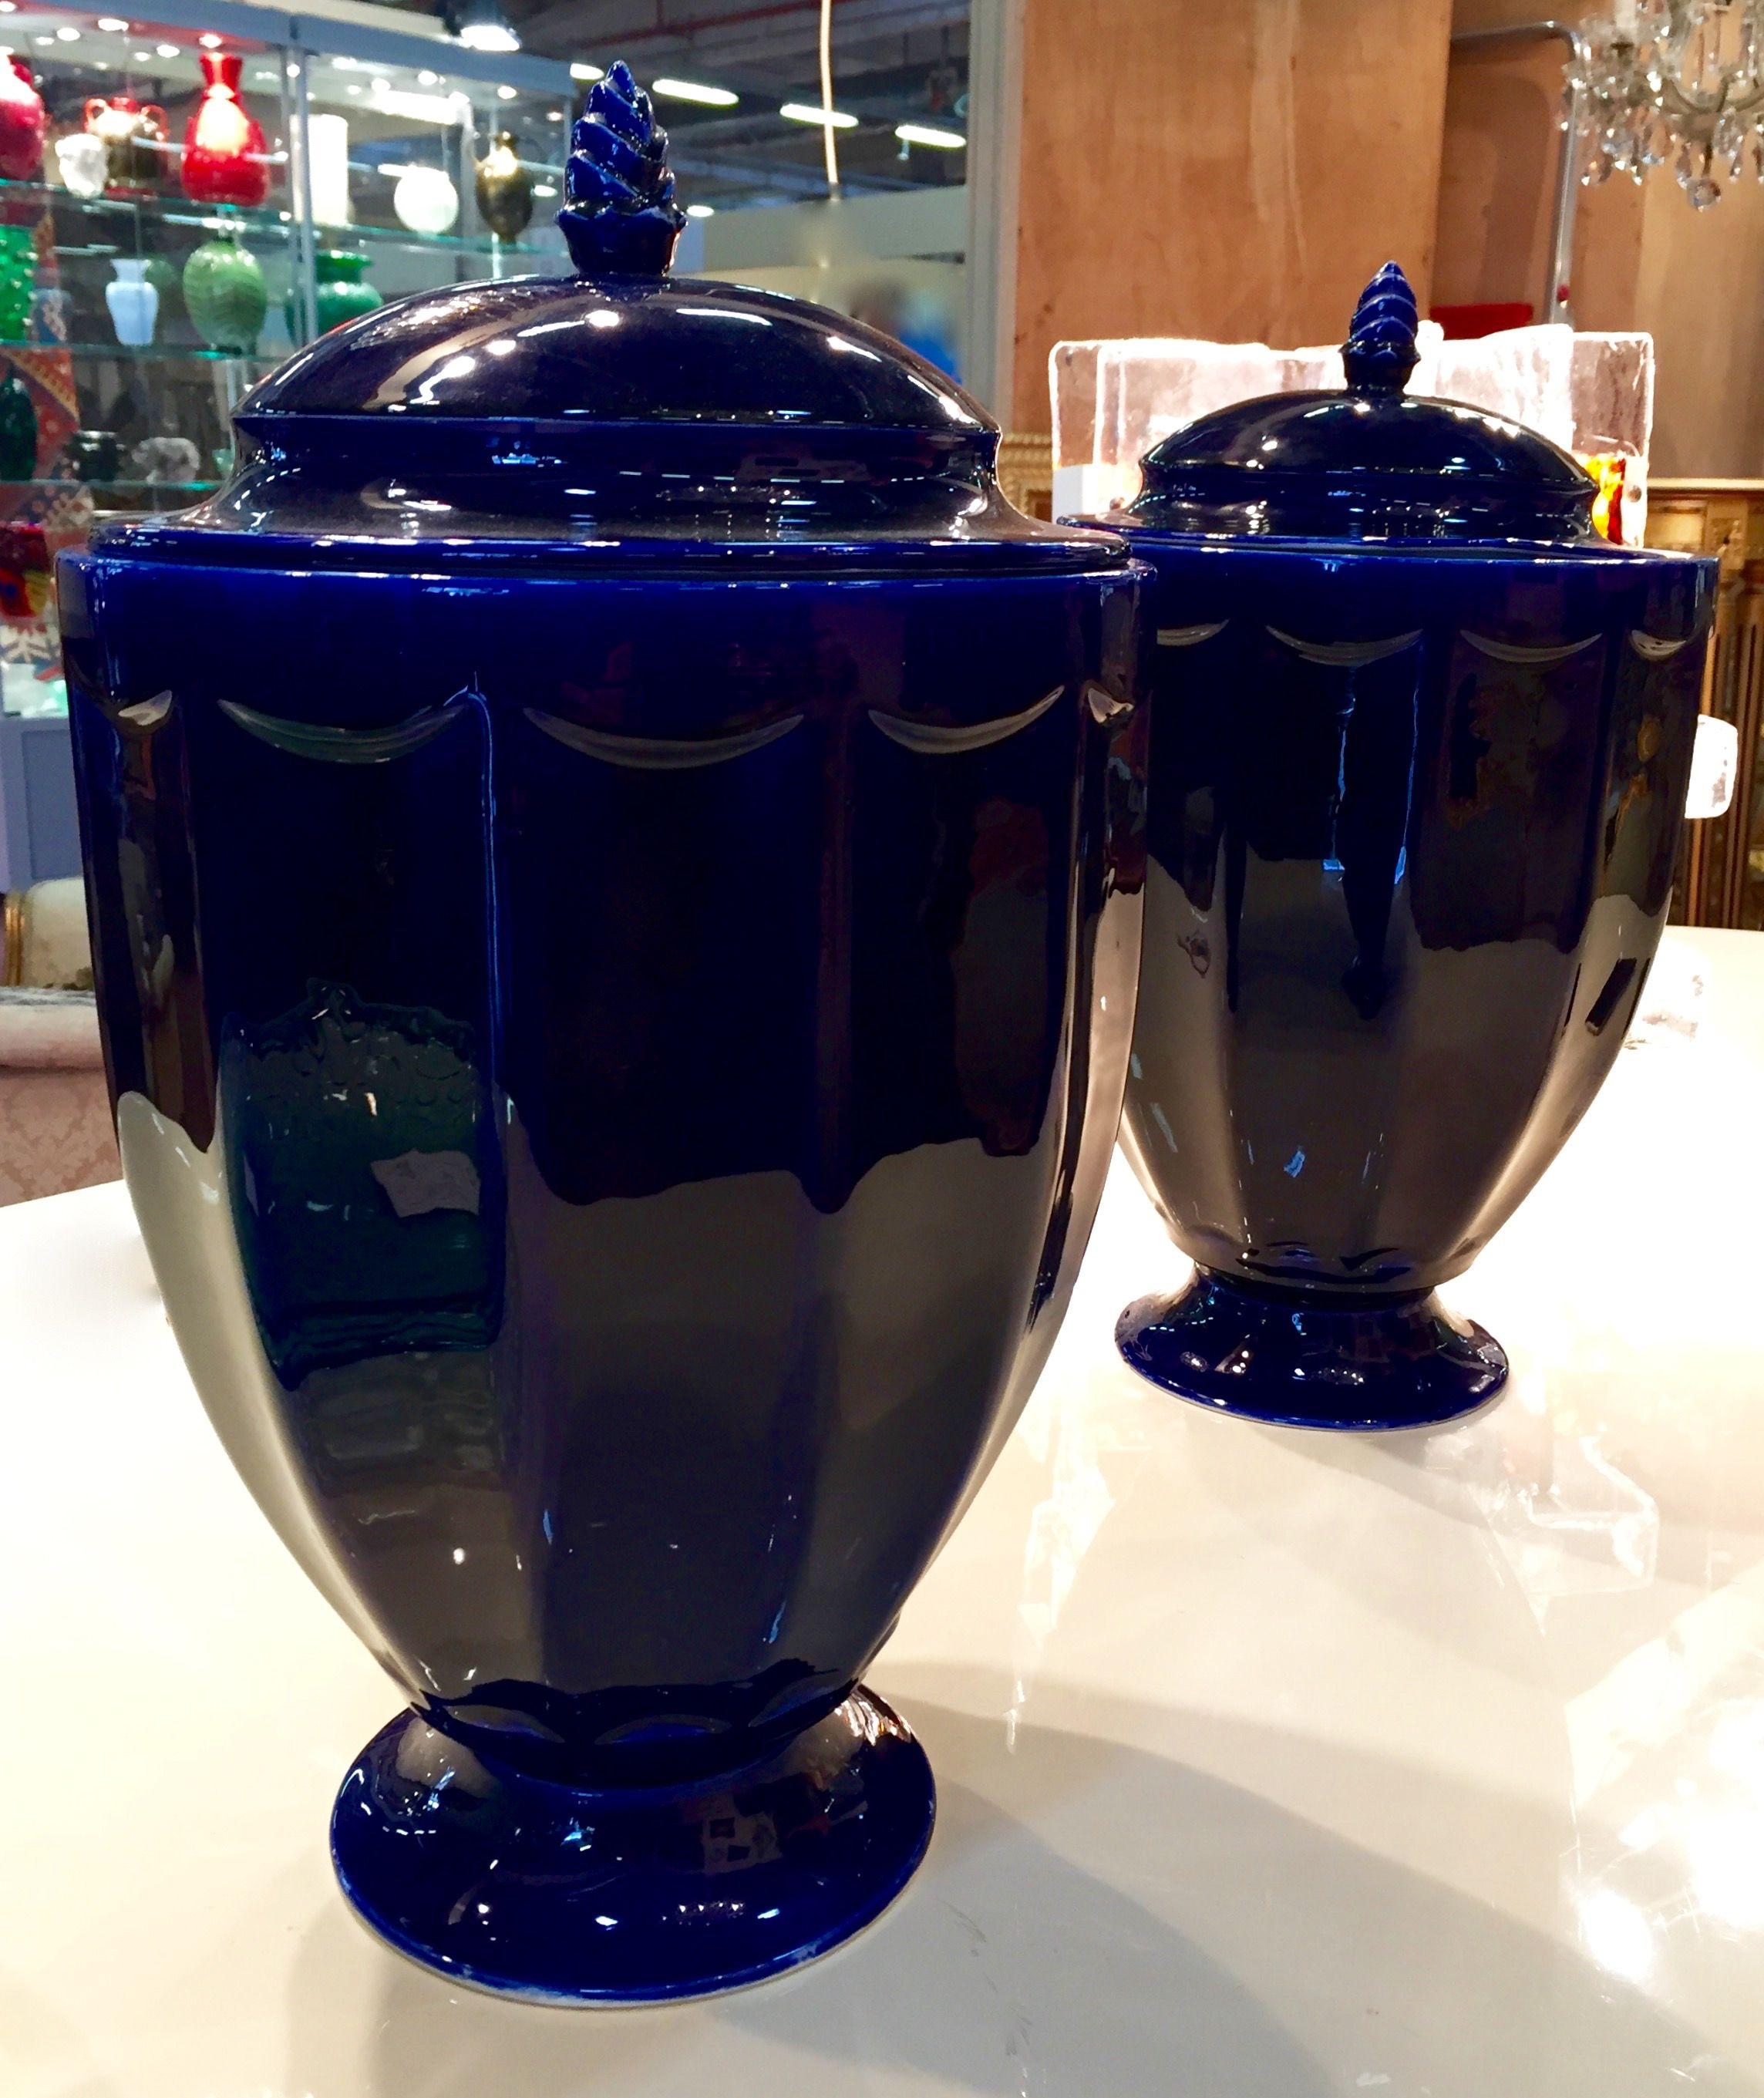 Societ ceramica italiana laveno guido andlovitz coppia for Arredamento artistico